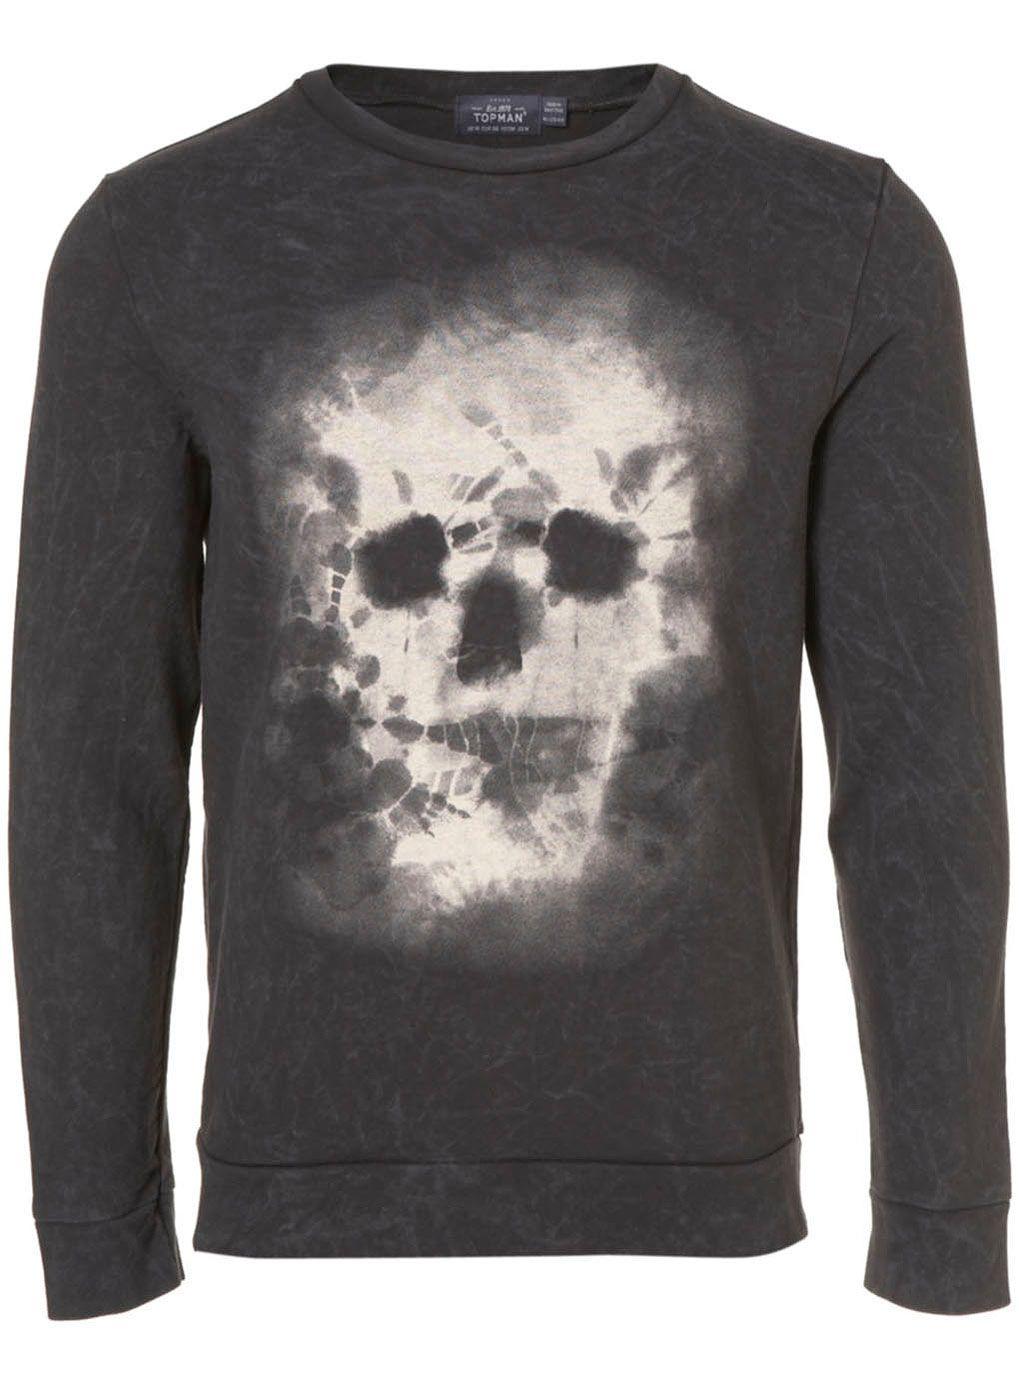 Black Snow Washed Tie Dye Skull Printed Sweatshirt - Sale Tops - TOPMAN USA